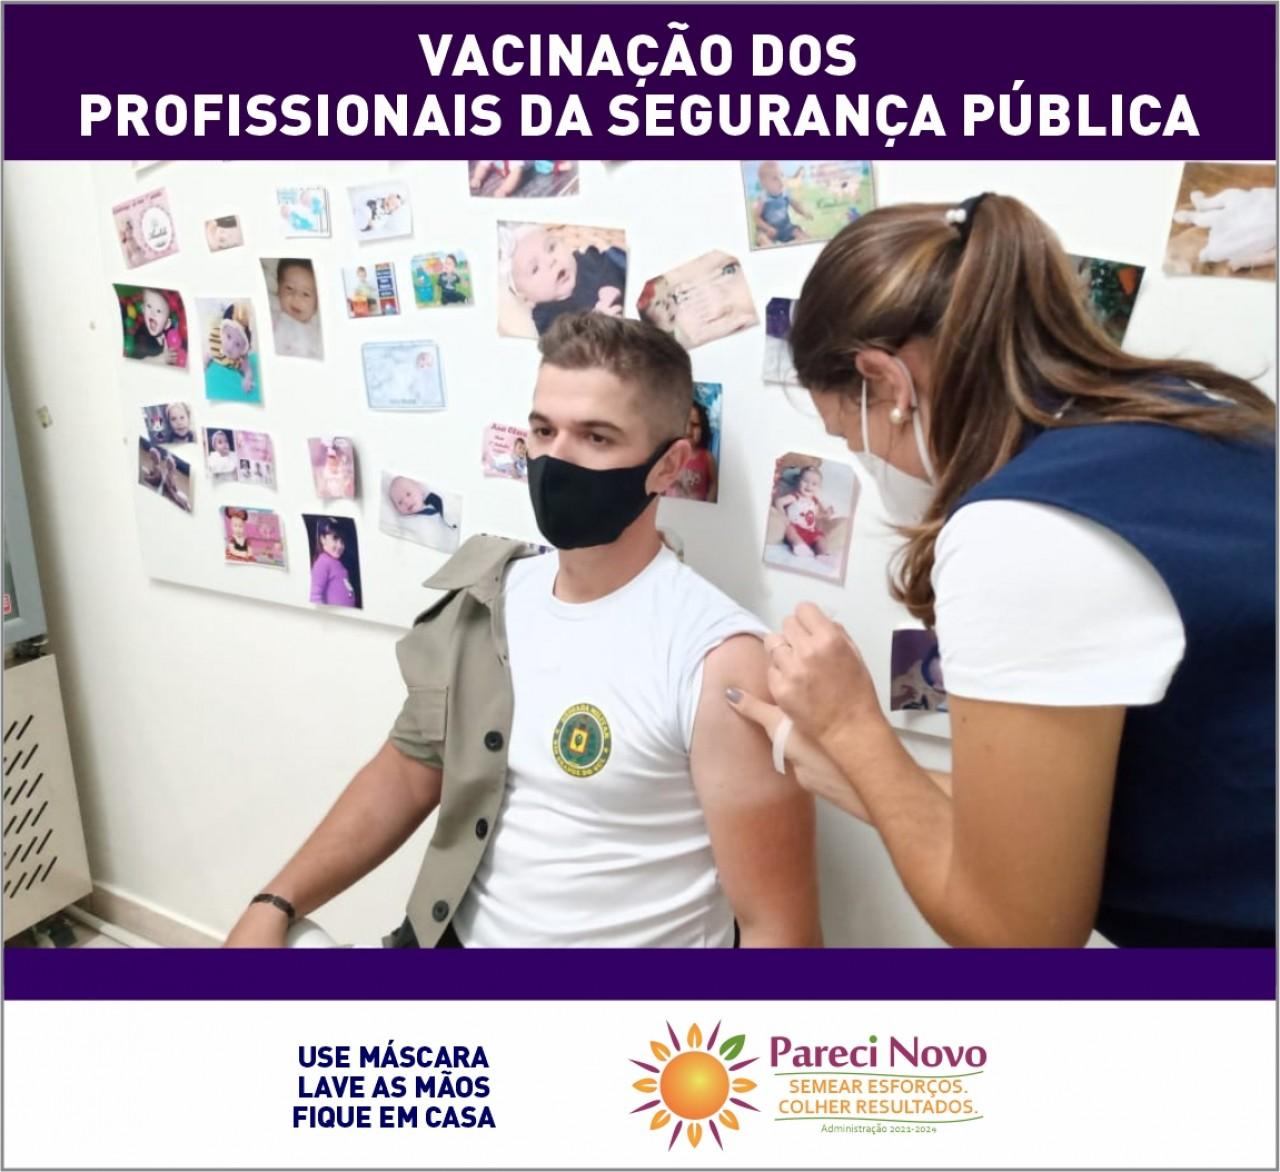 Vacina para os profissionais da Segurança